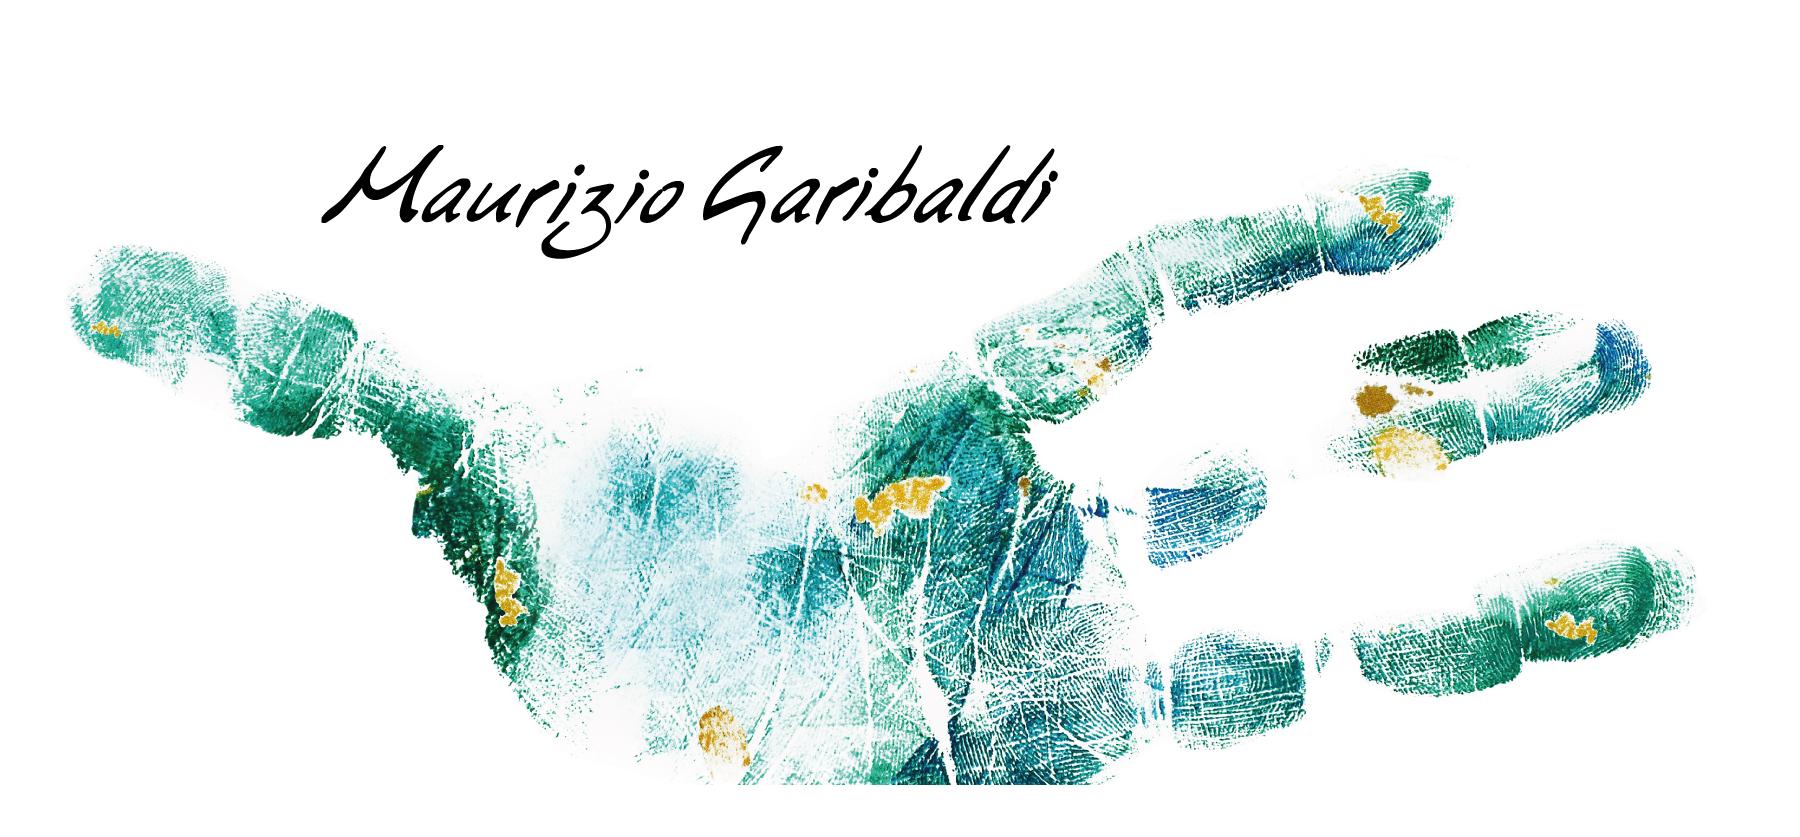 Maurizio Garibaldi